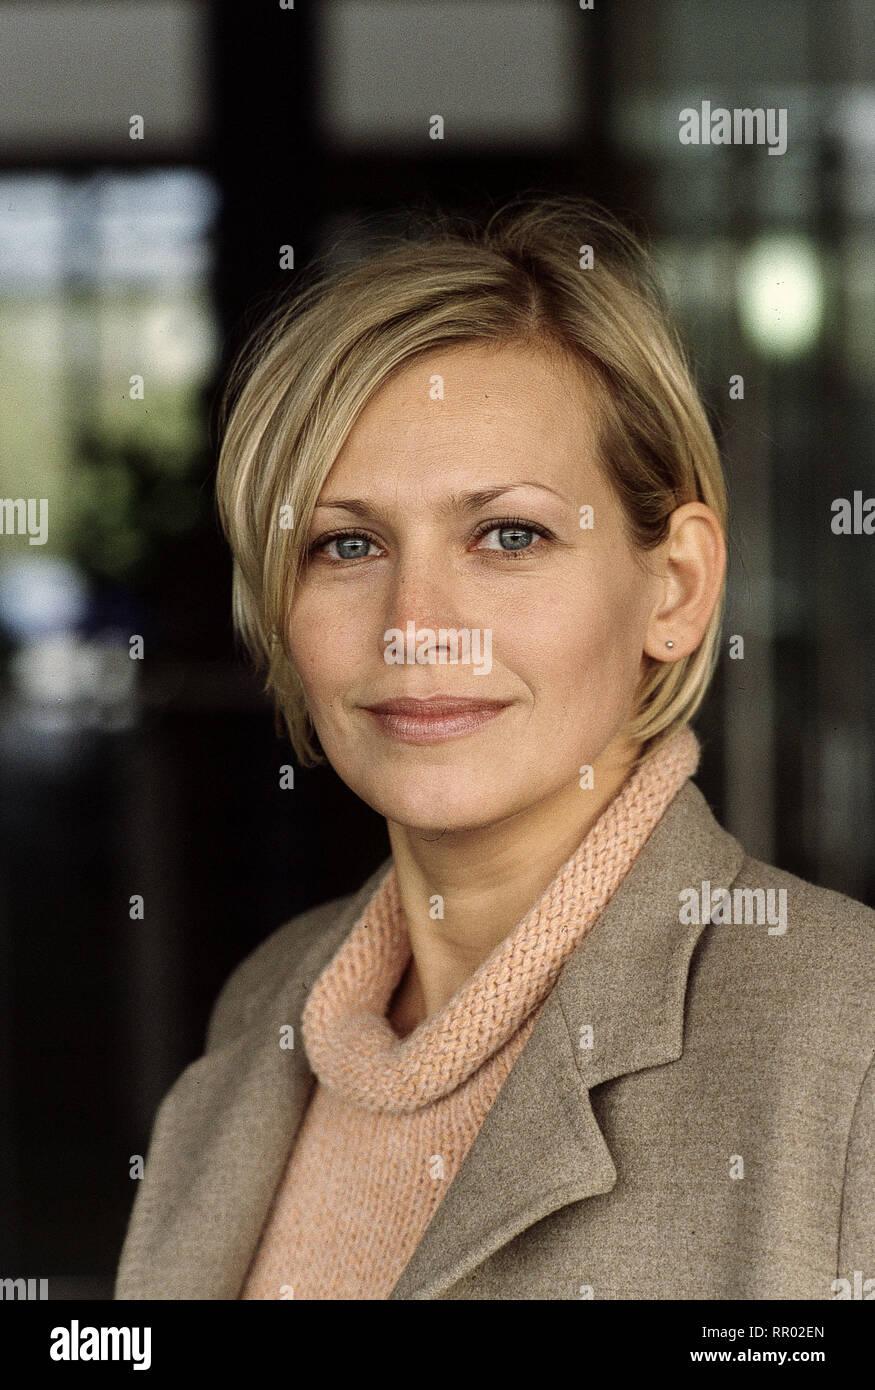 SOKO 5113/Besessen Deutschland 2000/Zbynek Cerven Bild: Soko-Ermittlerin Susanne von Hagenberg (Christine Döring) wird von einem anonymen Verehrer belästigt. V/Überschrift: SOKO 5113/Deutschland 2000 Stockbild